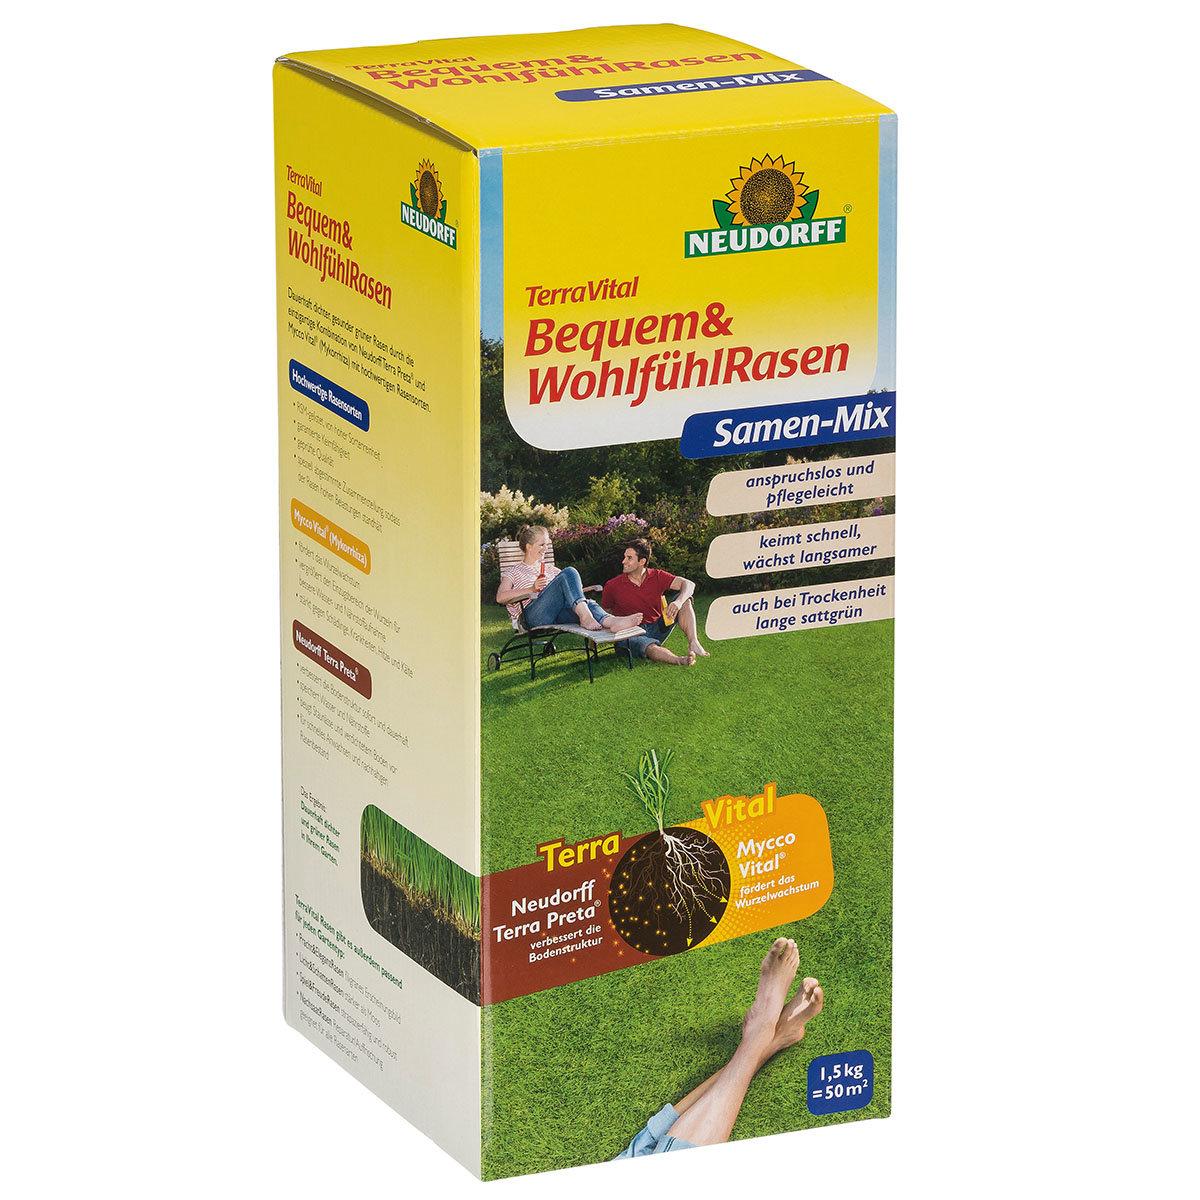 TerraVital® Bequem&WohlfühlRasen, 1,5 kg